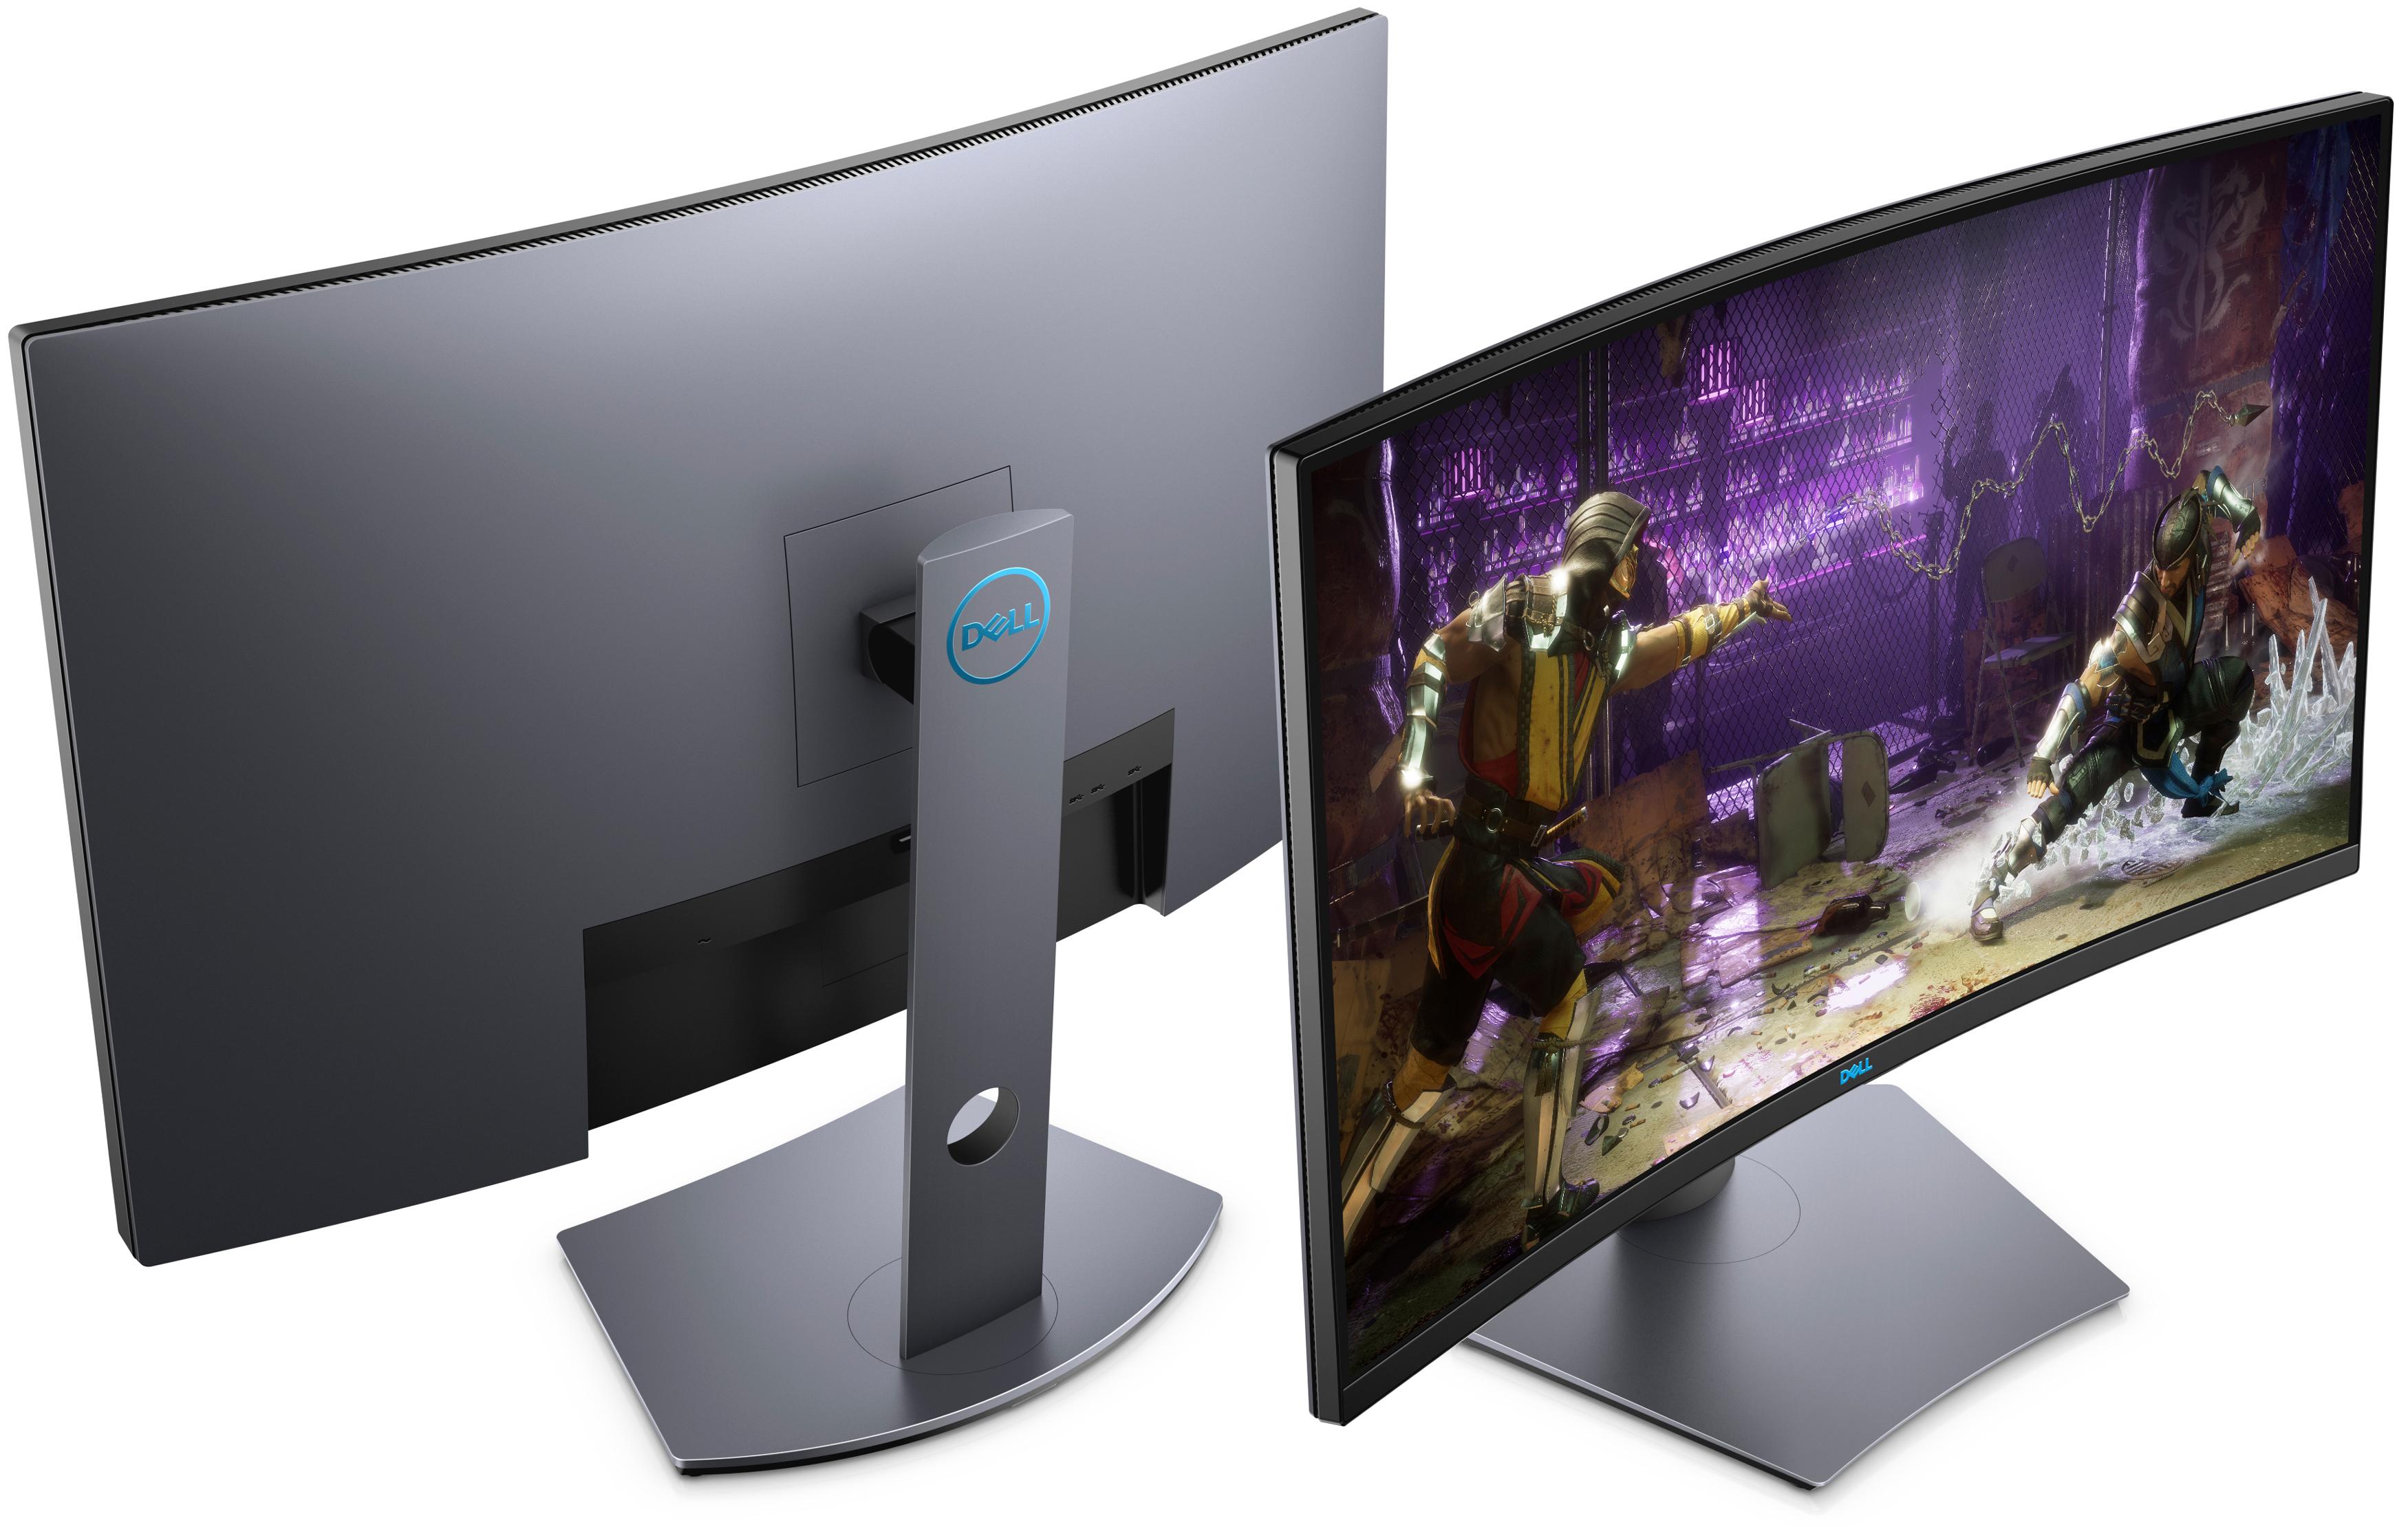 Dell accouche d'un nouveau moniteur 32 pouces QHD 165 Hz… et incurvé